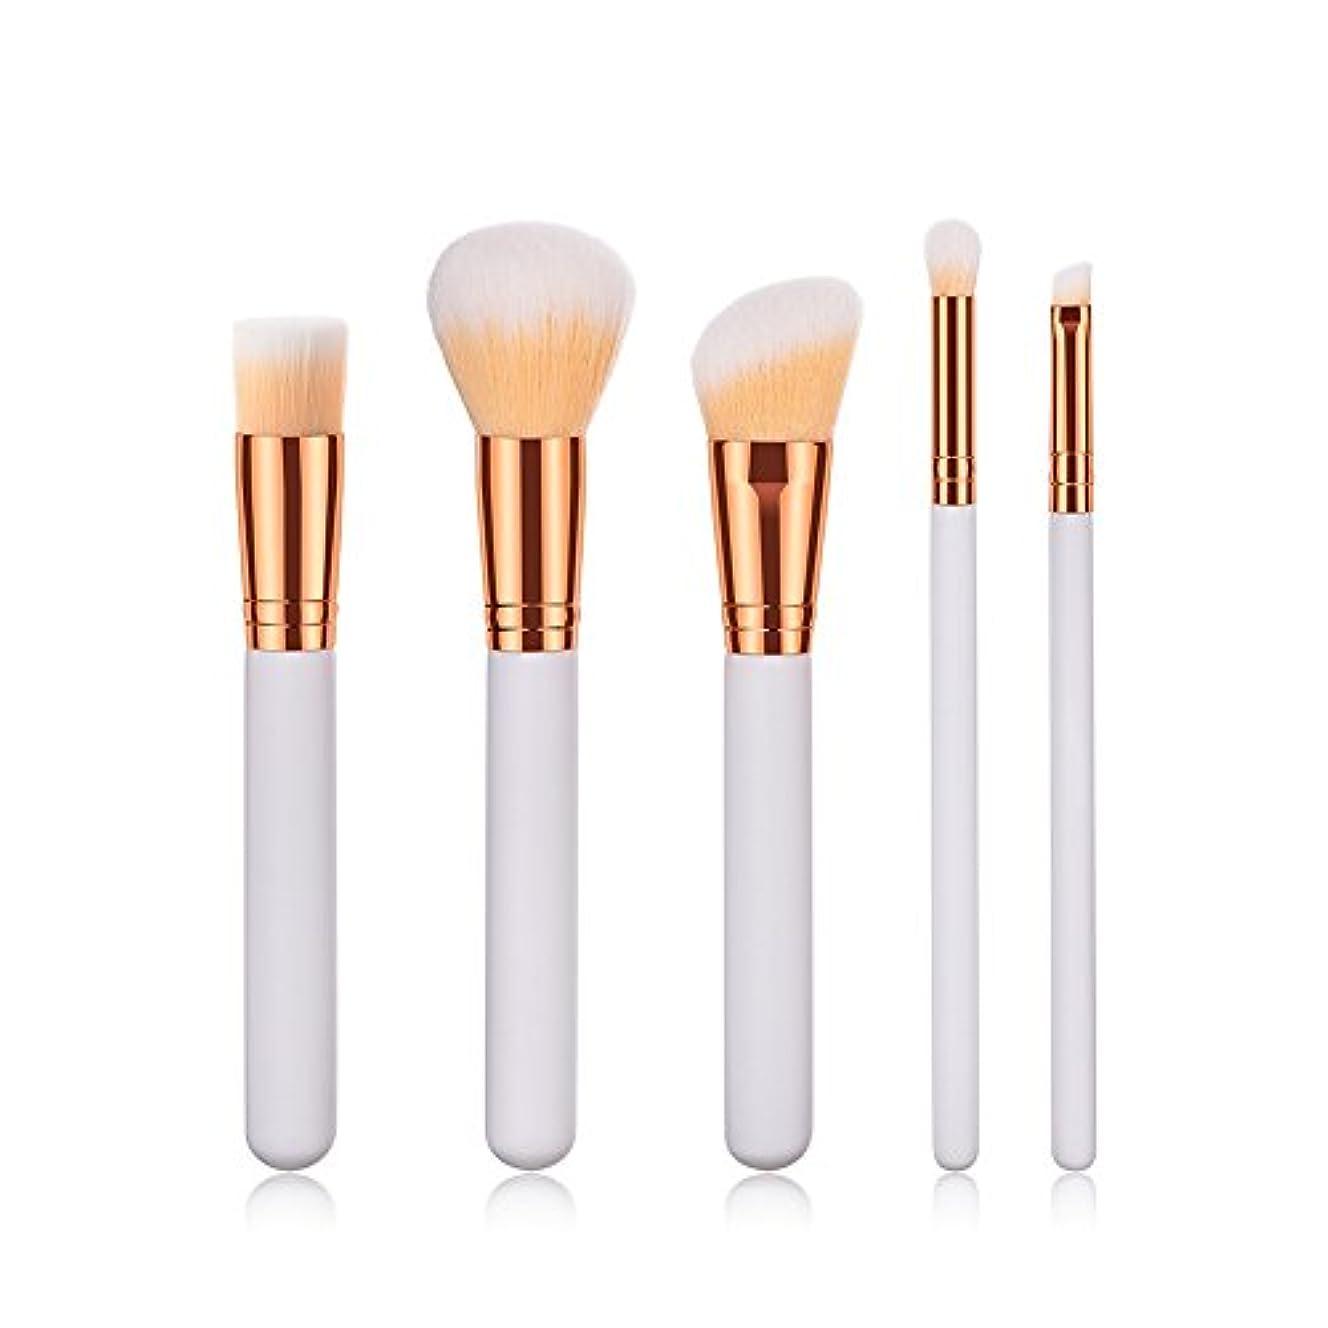 放射能摂氏度後方にRuikey メイクブラシ 5本セット 化粧筆 多機能化粧 人気 メイク道具(化妆道具) ふわふわ(蓬松)肌に優しい 毛量たっぷり プレゼント